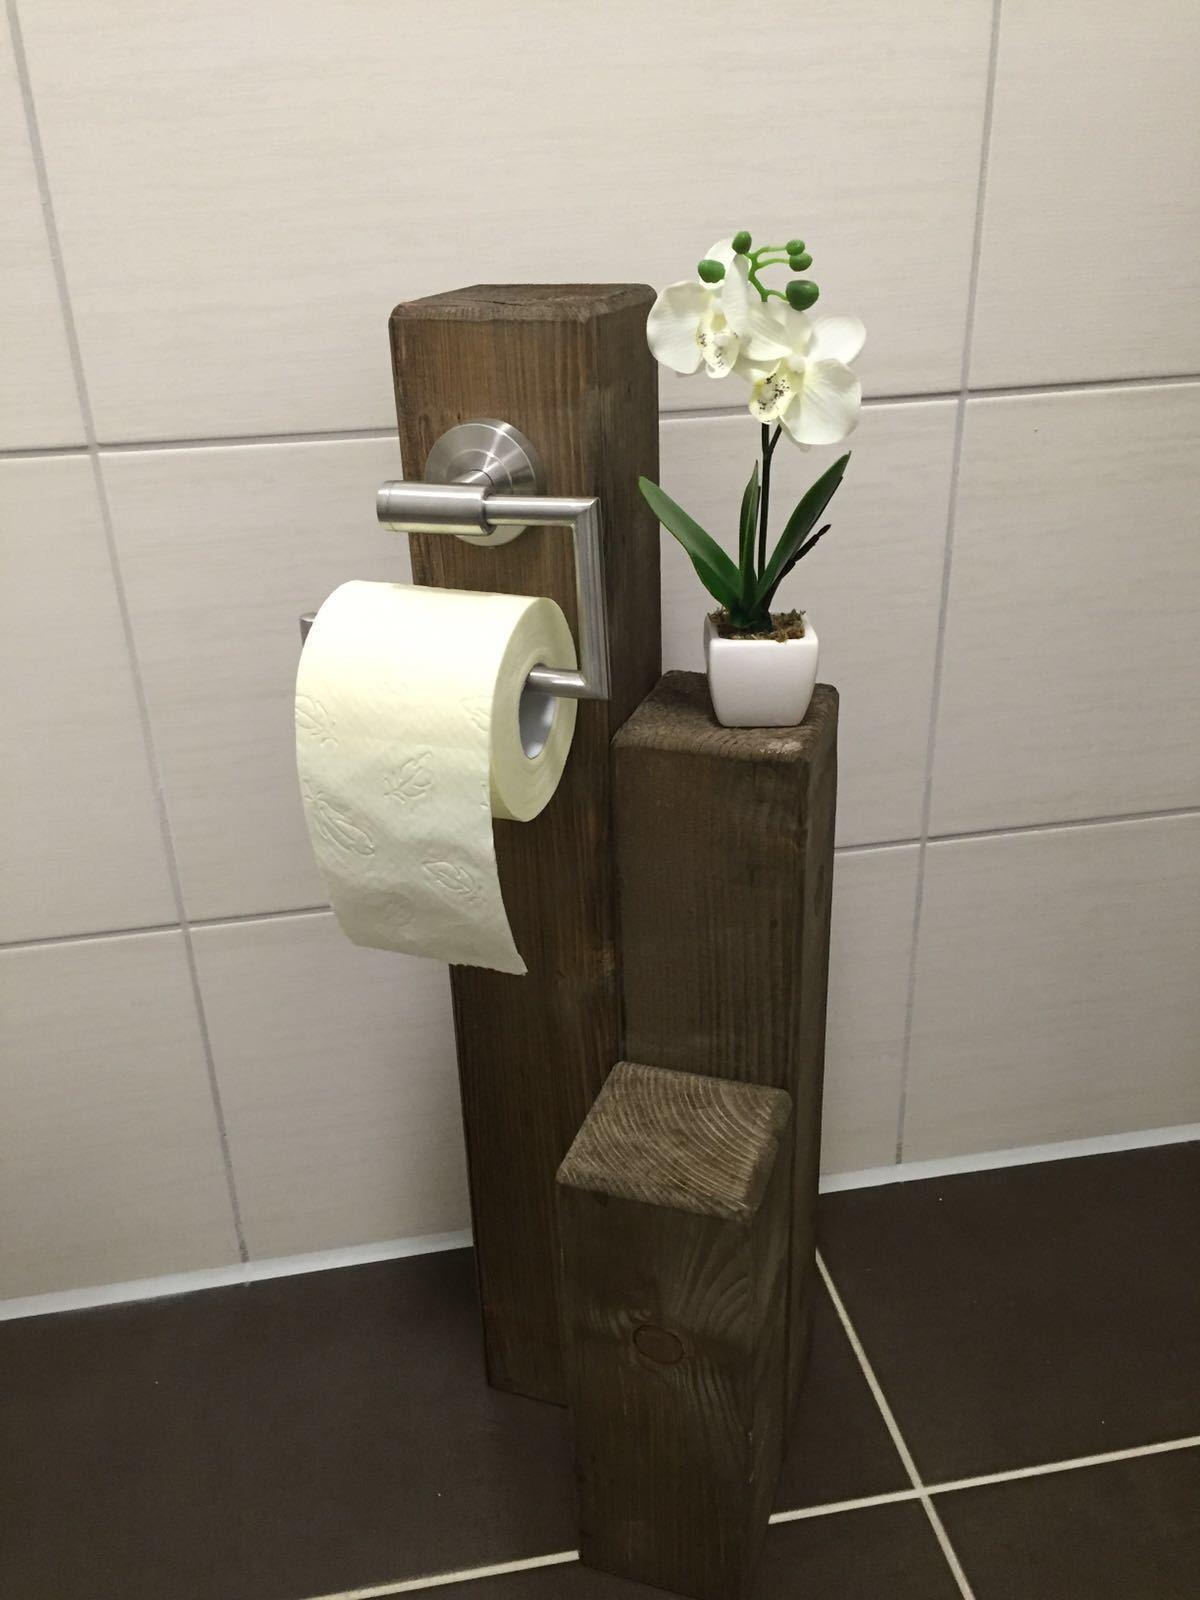 toilettenpapierhalter klorollenhalter rustikal wc rolle vintage eur 45 00 picclick de. Black Bedroom Furniture Sets. Home Design Ideas